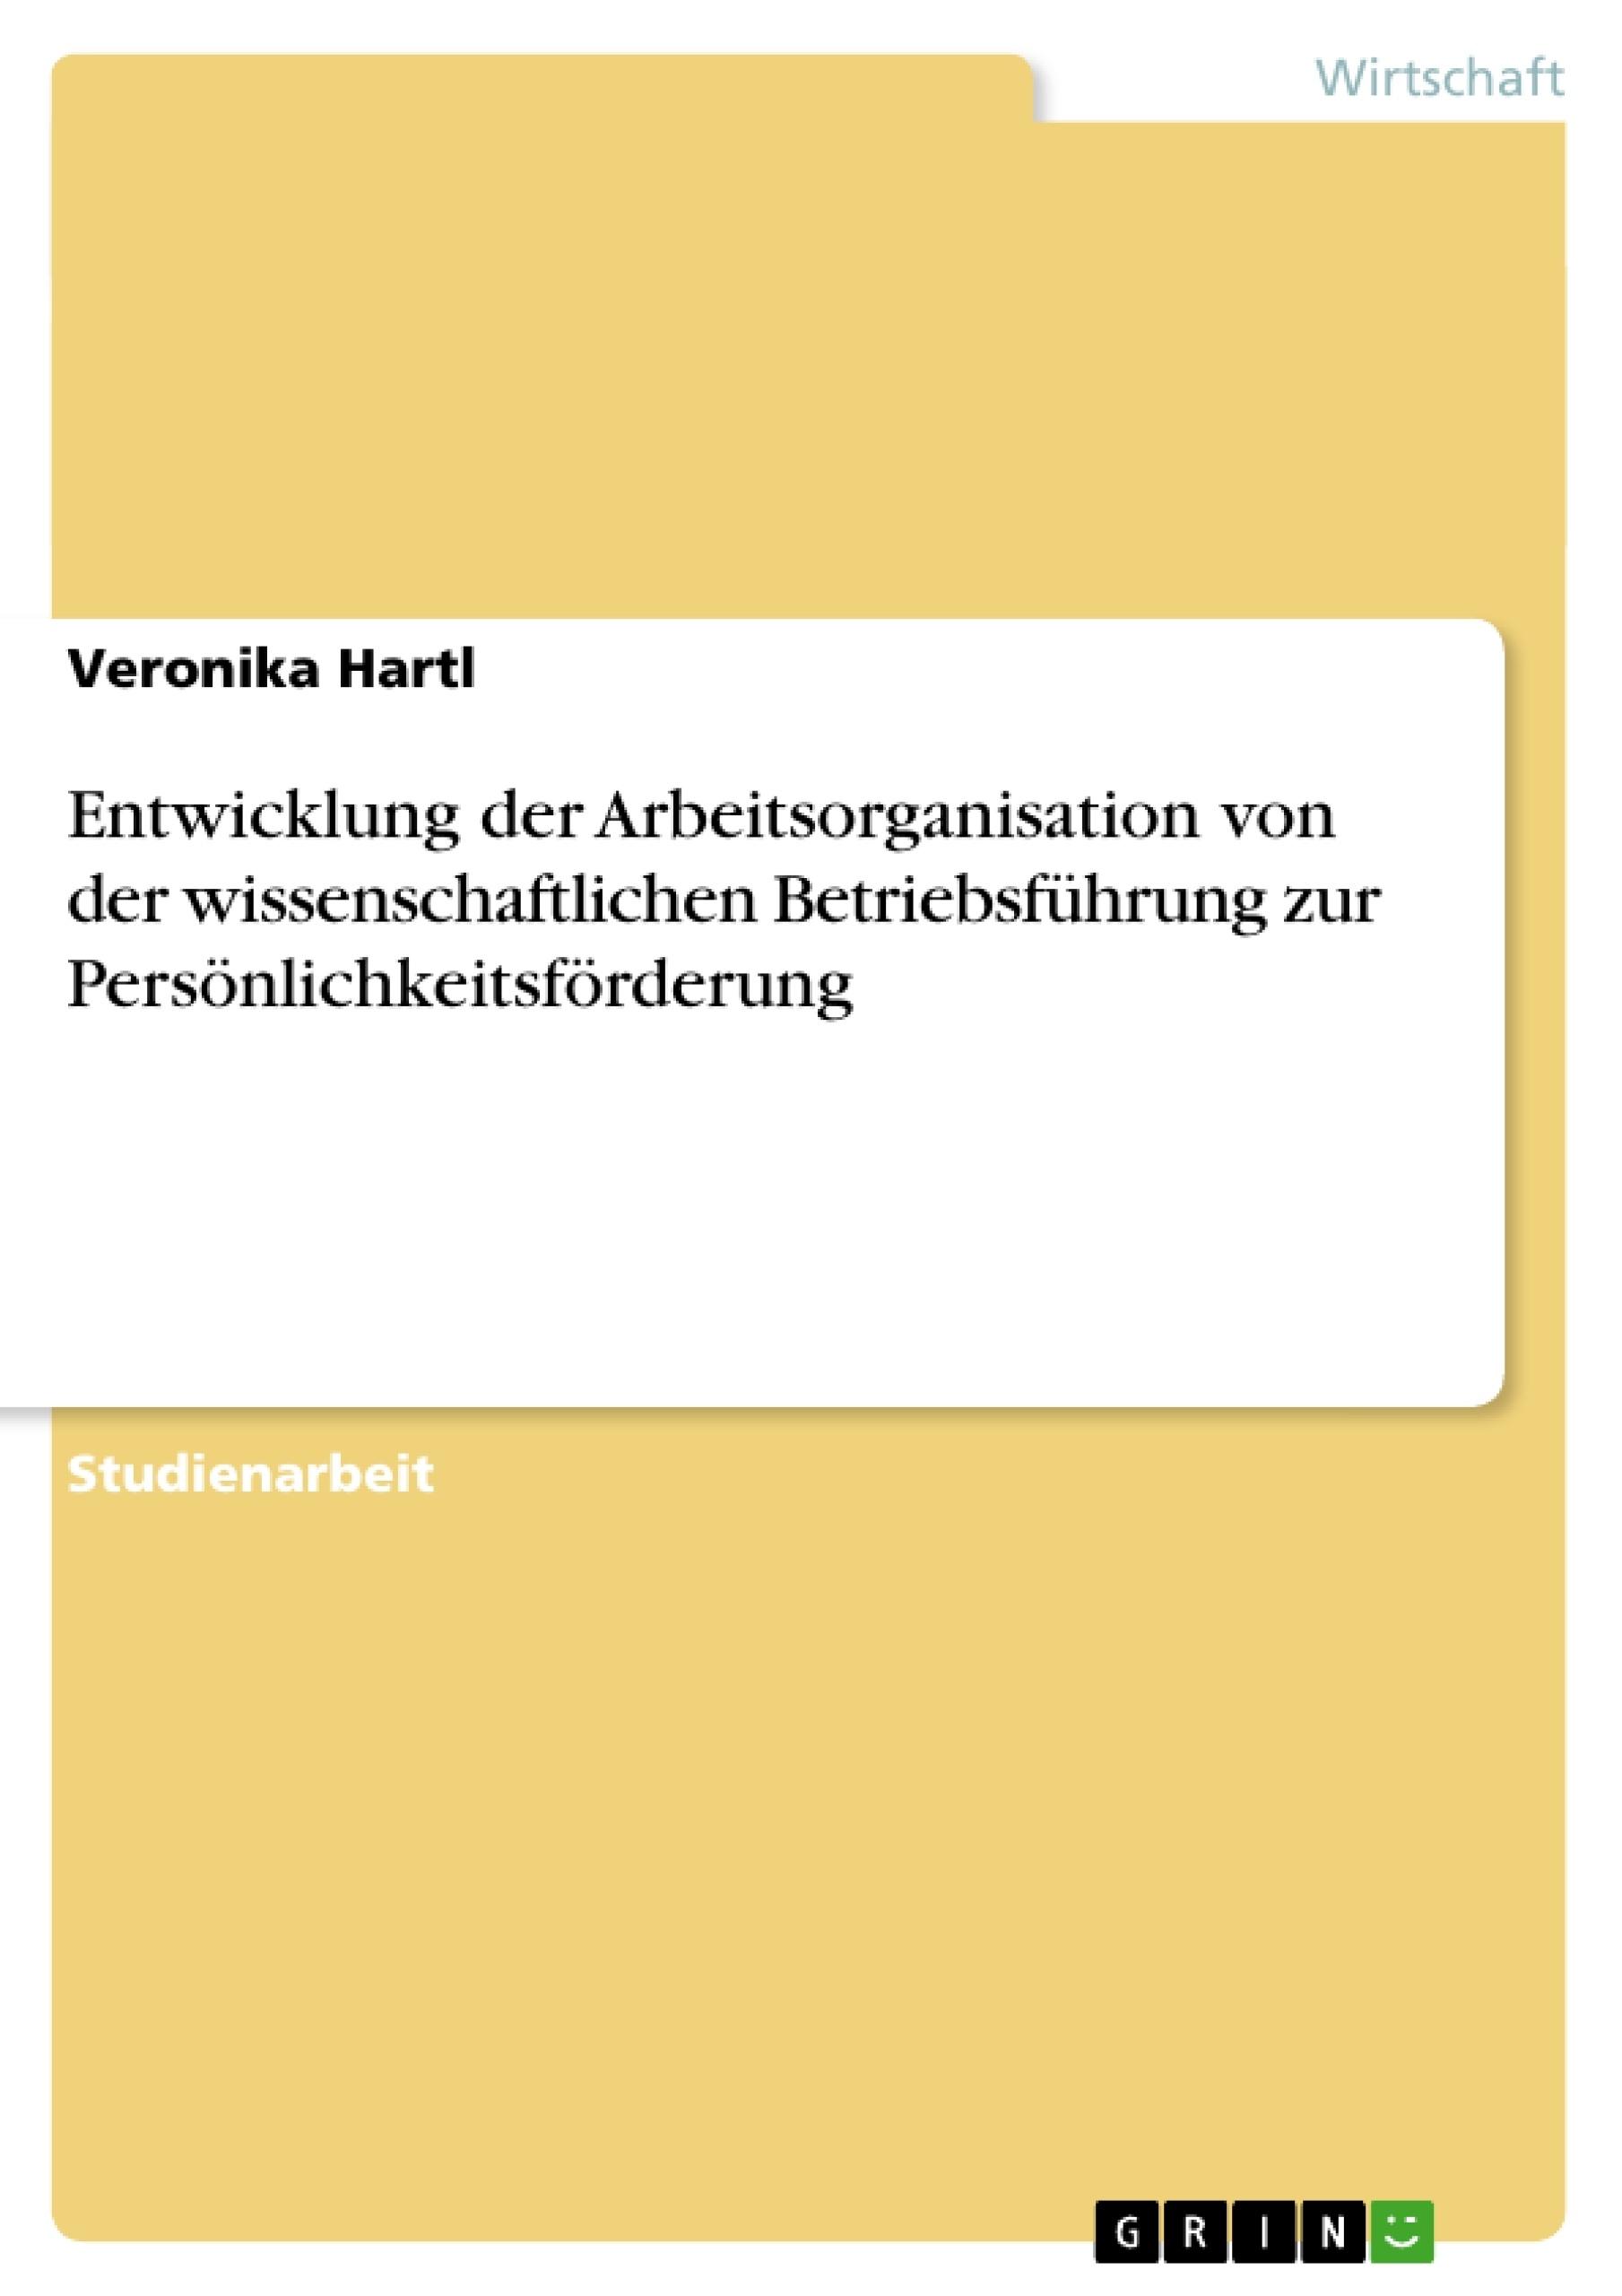 Titel: Entwicklung der Arbeitsorganisation von der wissenschaftlichen Betriebsführung zur Persönlichkeitsförderung